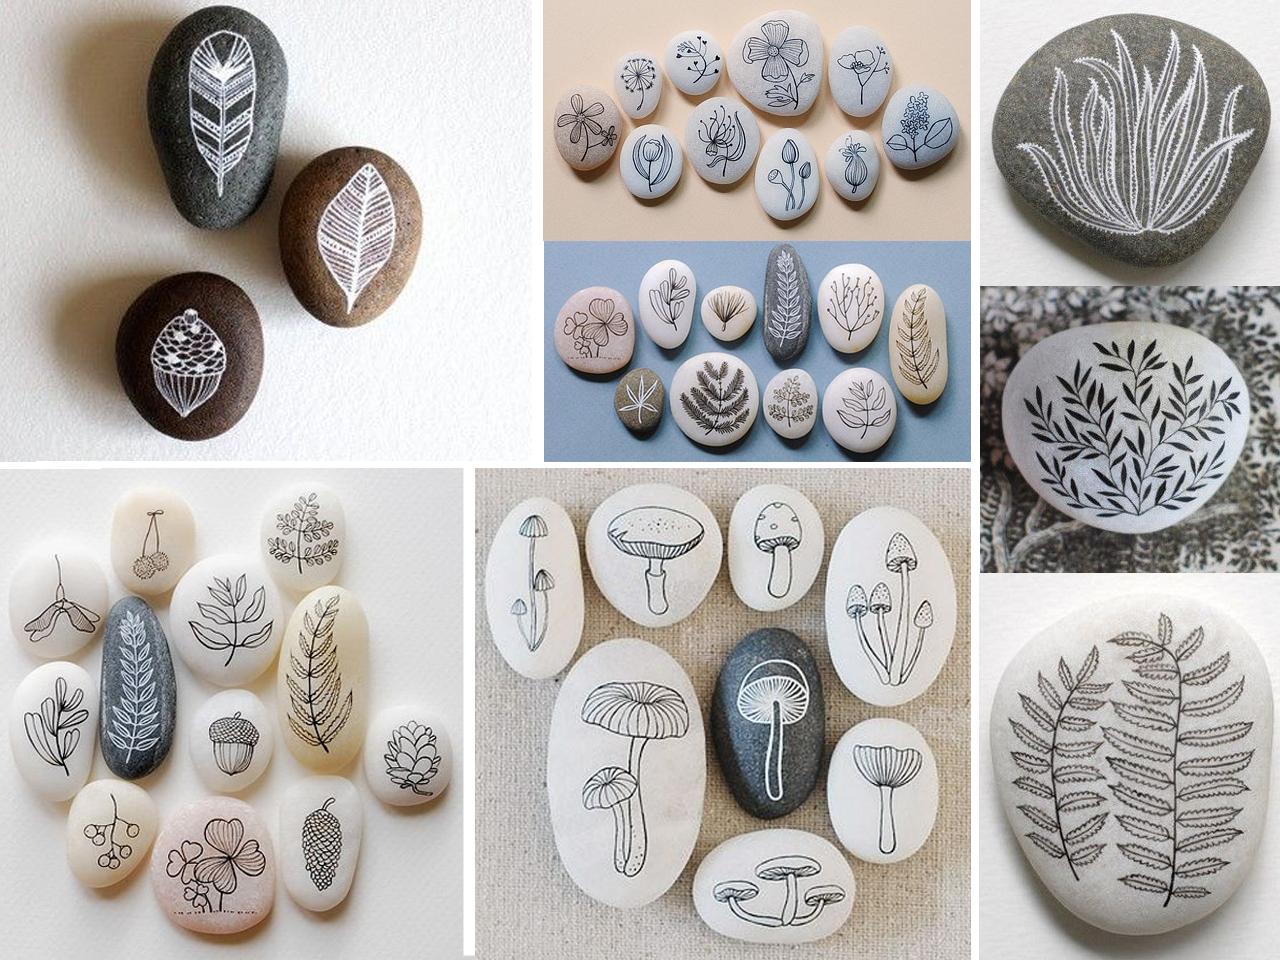 Las m s incre bles manualidades con piedras pintadas - Piedras decorativas de jardin ...